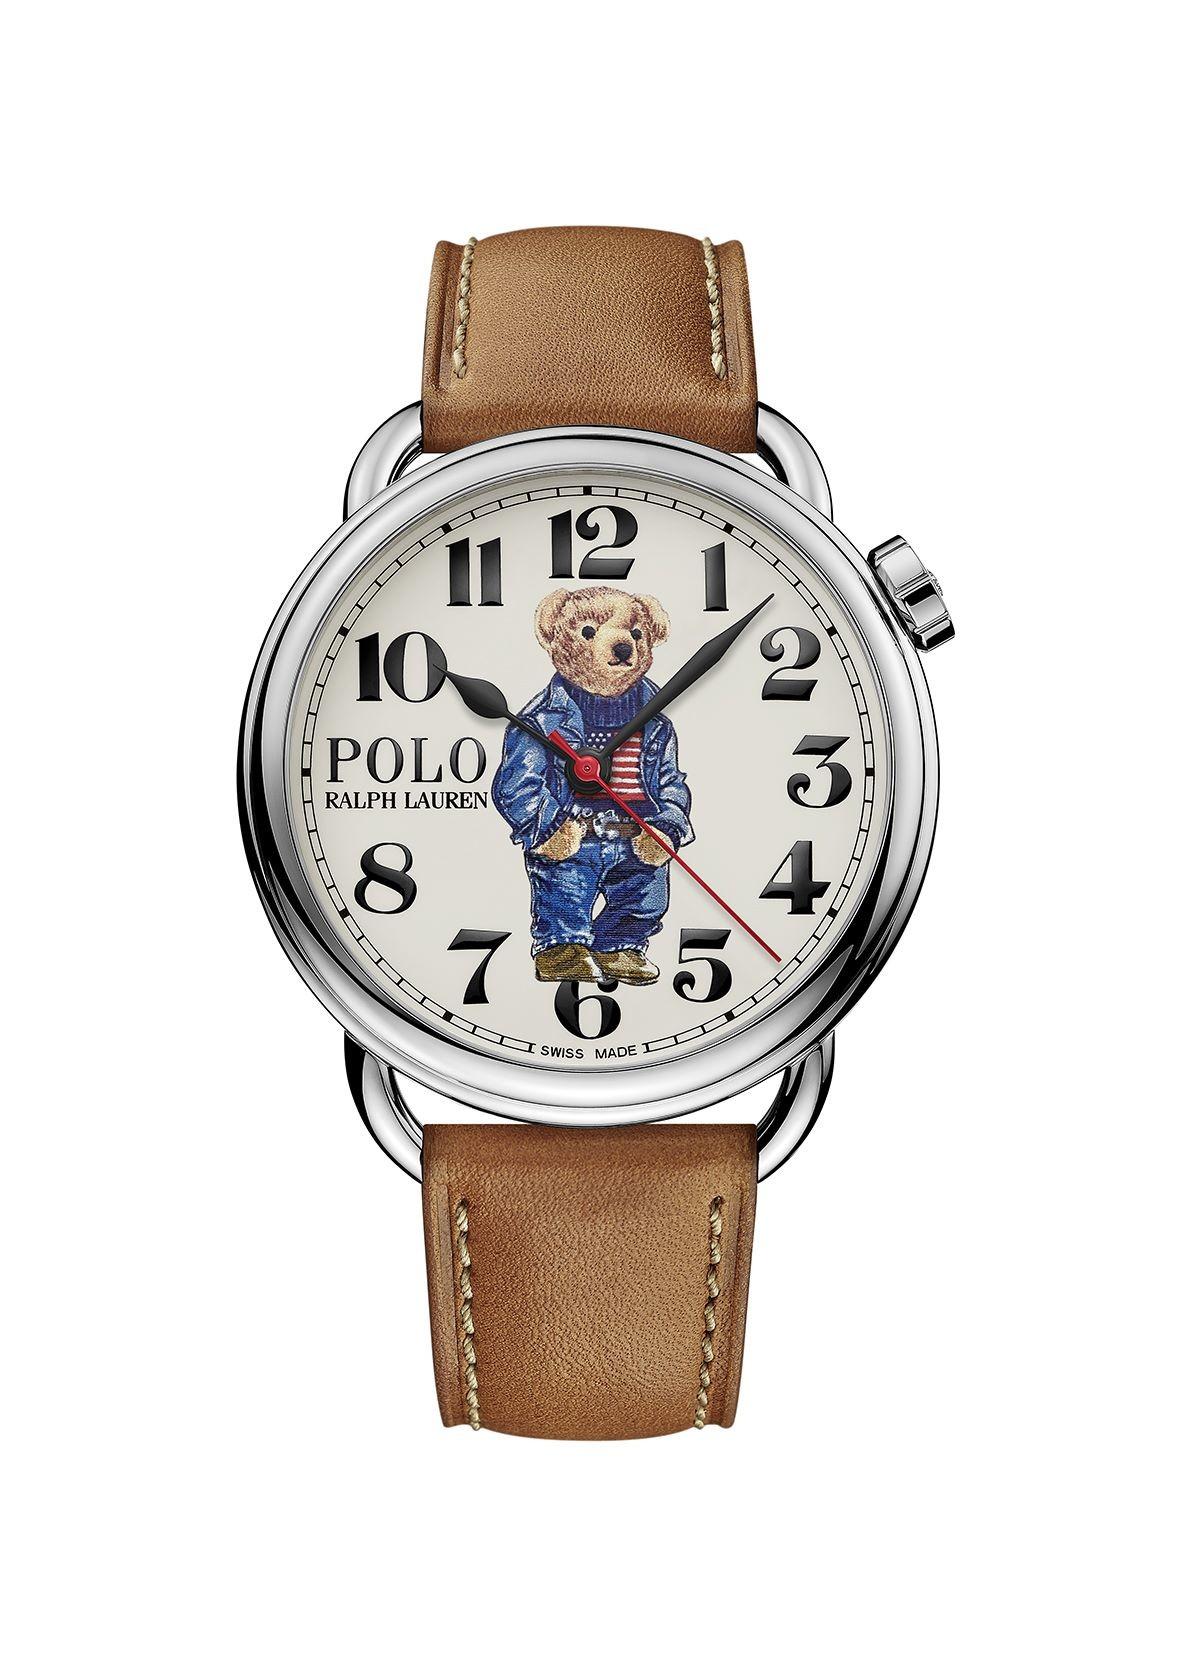 Foto de Polo Bear Watch Collection (4/6)